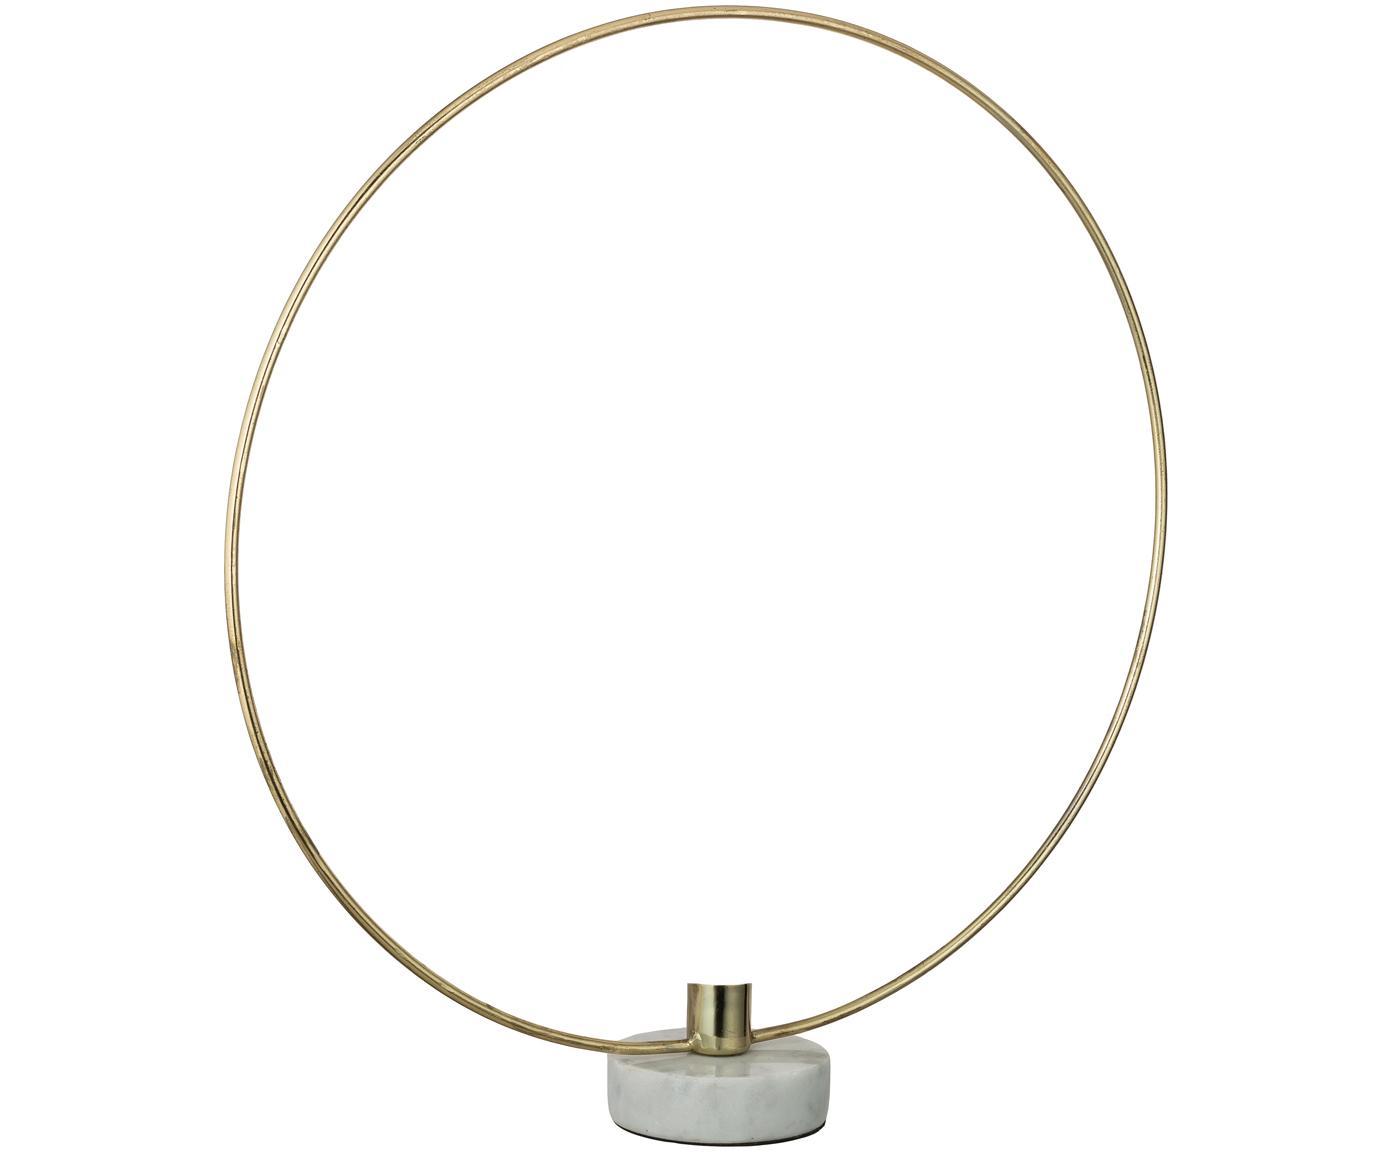 Kerzenhalter Ring, Kerzenhalter: Metall, beschichtet, Fuß: Marmor, Goldfarben, Weiß, 38 x 40 cm